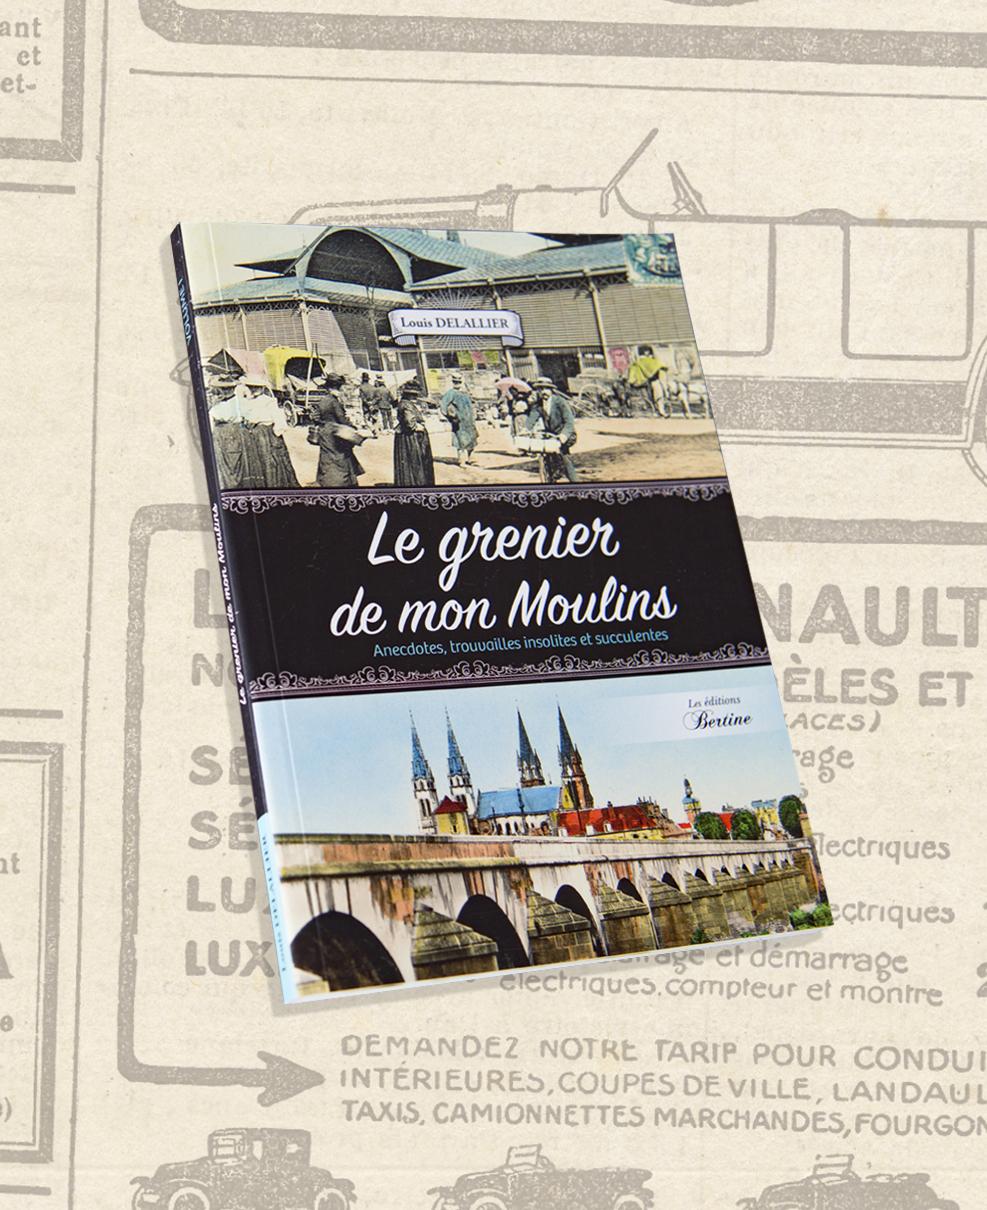 livre grenier de mon moulins anecdotes trouvailles insolites et succulentes louis delallier editions bertines livre